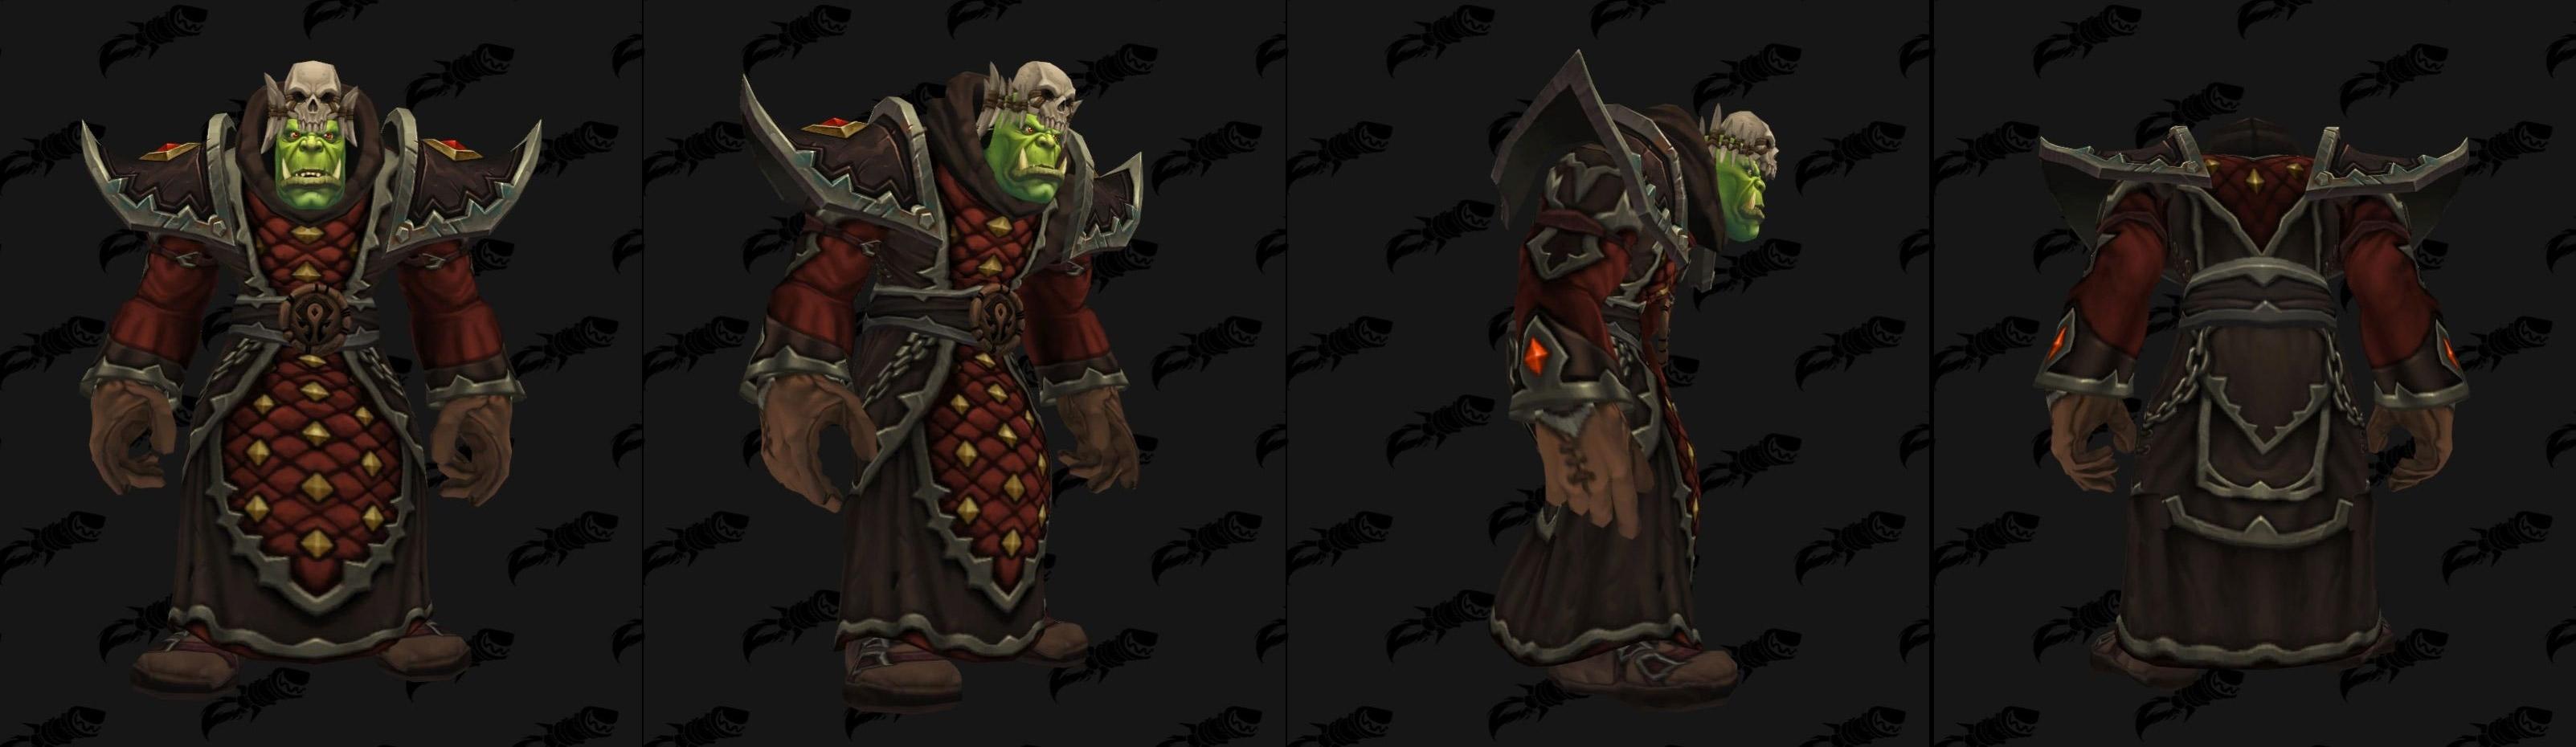 Armures tissu (Horde) - Fronts de guerre Tier 1 - Coloris 2